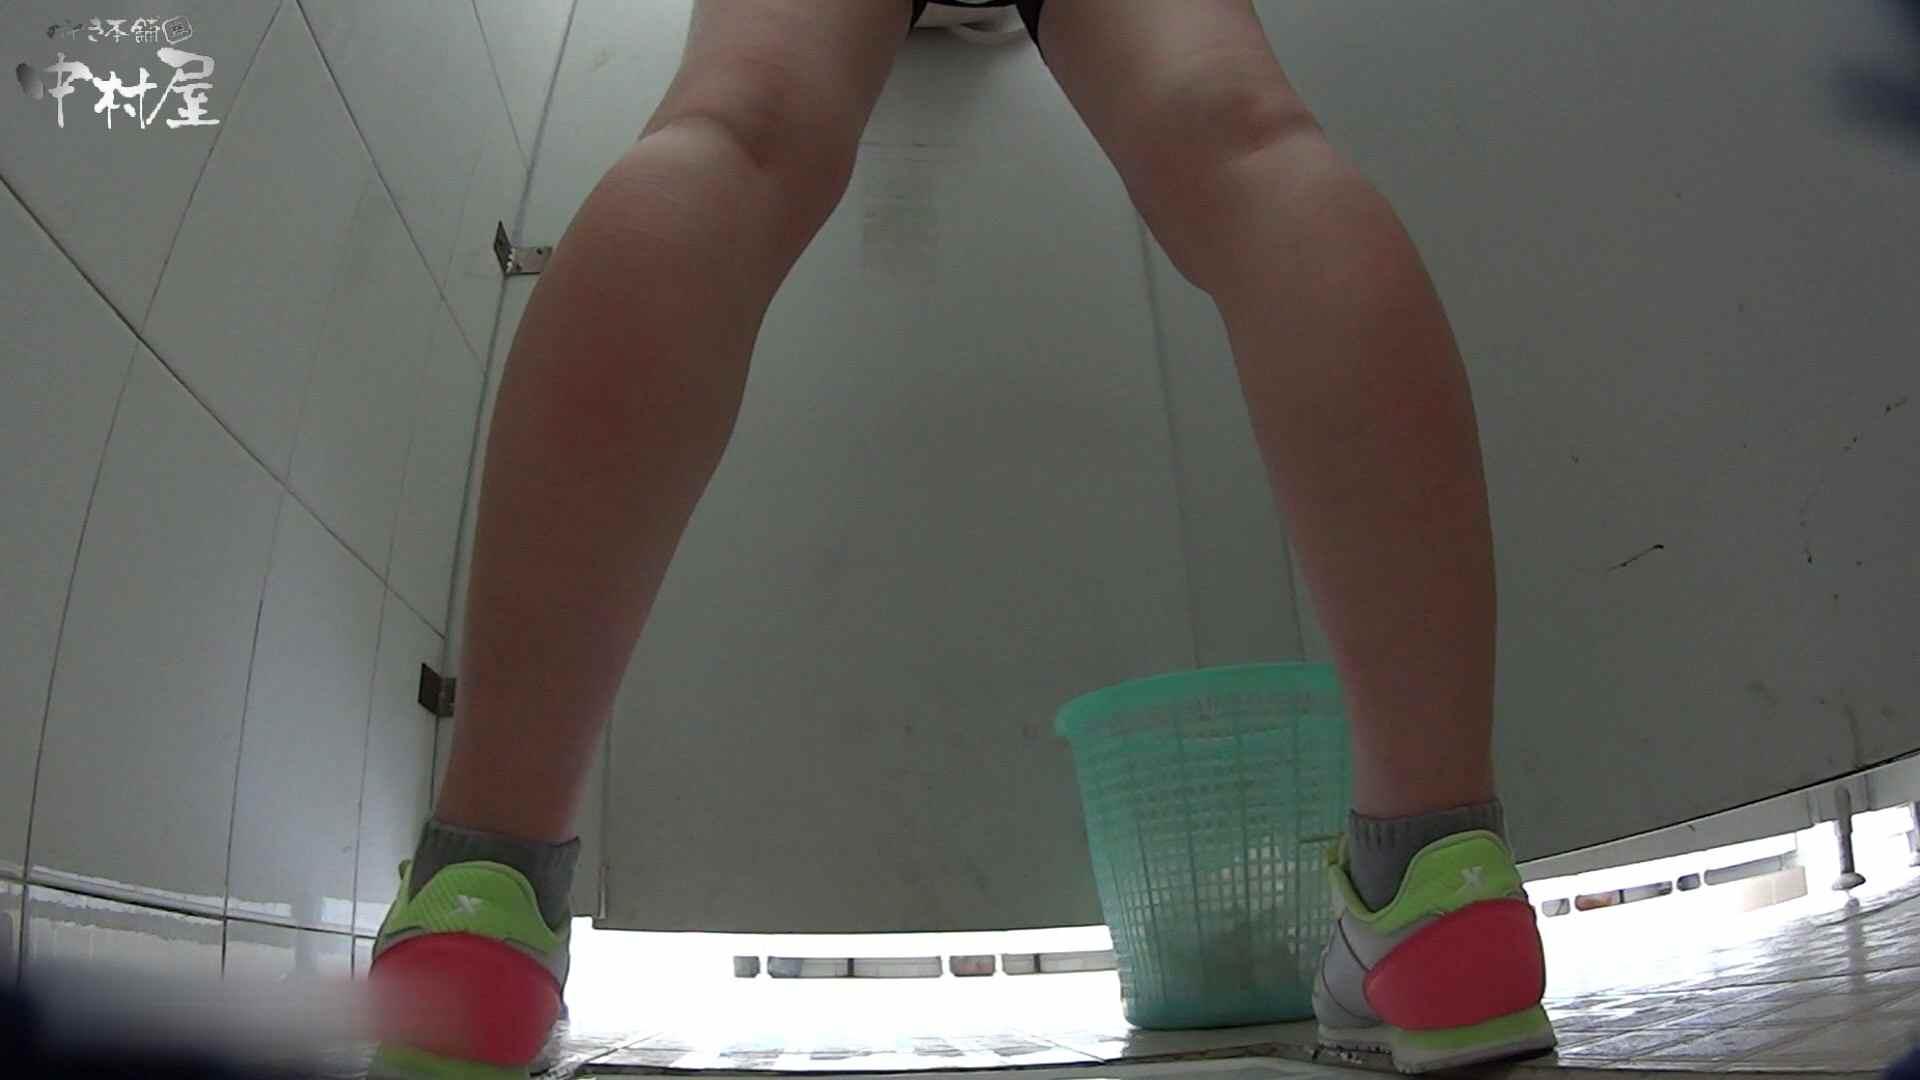 美しい女良たちのトイレ事情 有名大学休憩時間の洗面所事情06 盗撮 | 高画質  110画像 99